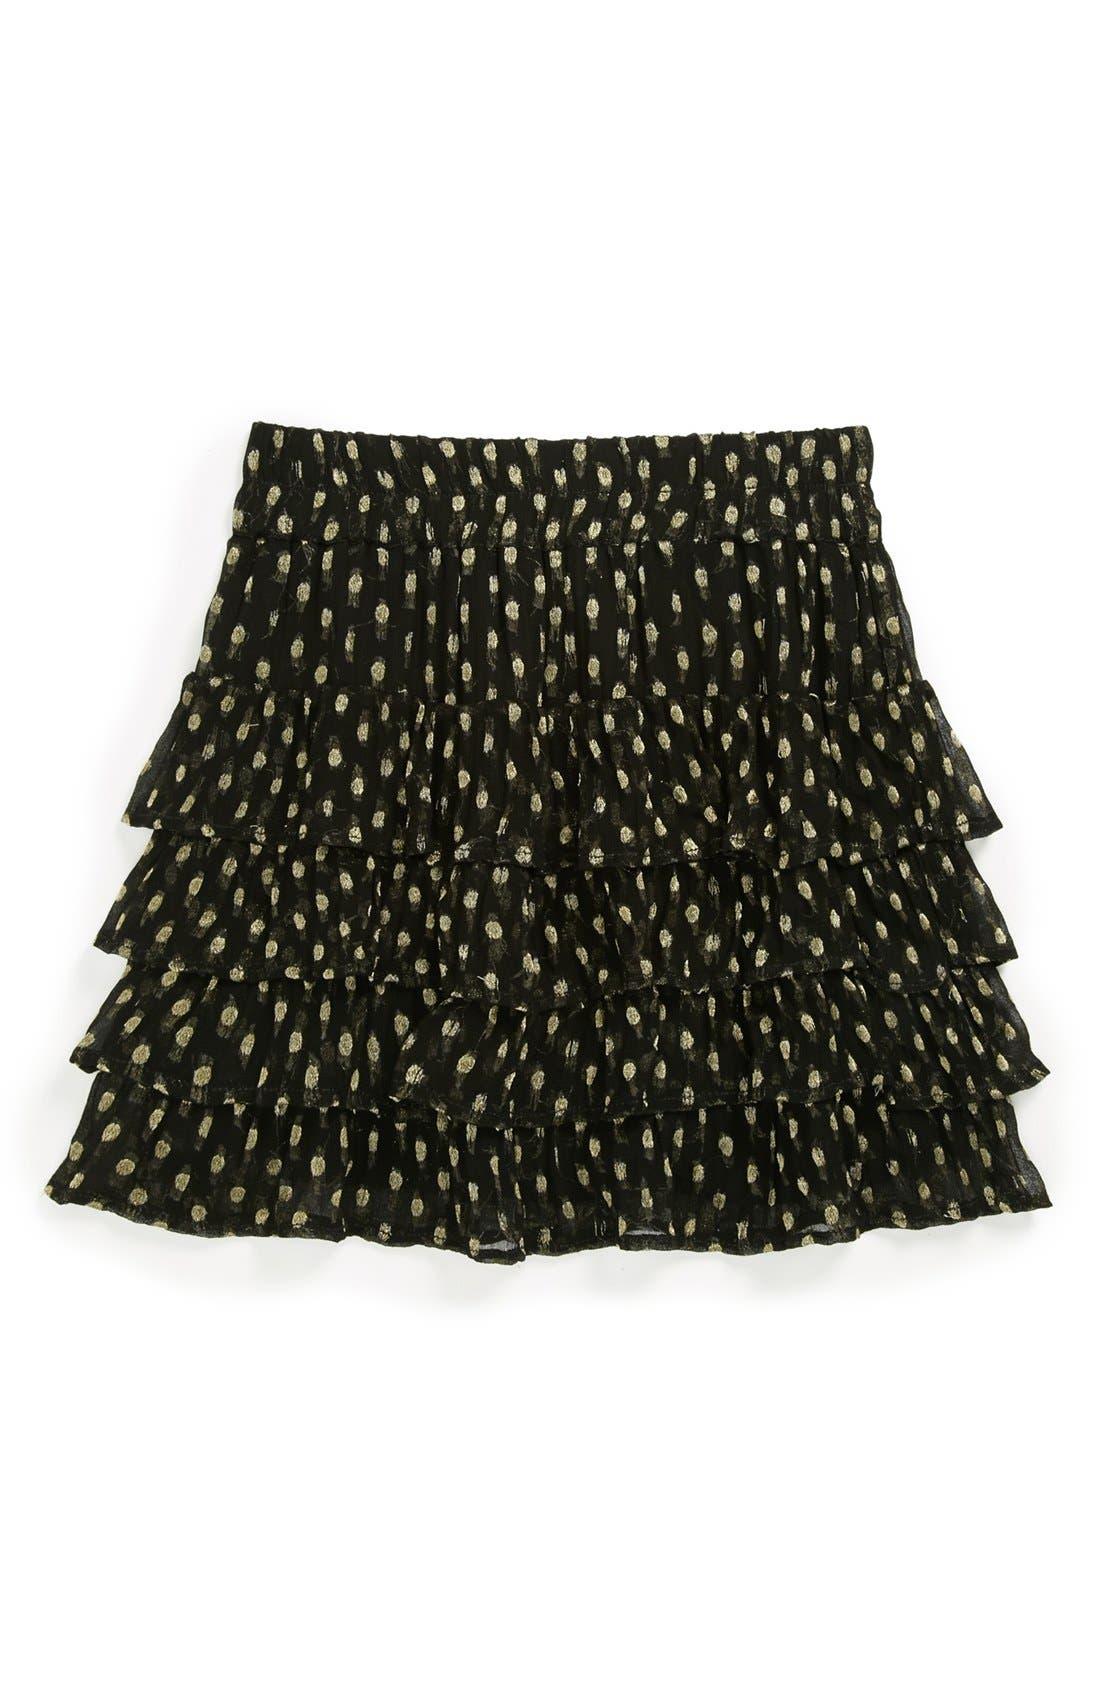 Alternate Image 1 Selected - Ruby & Bloom 'Leila' Ruffle Skirt (Little Girls & Big Girls)